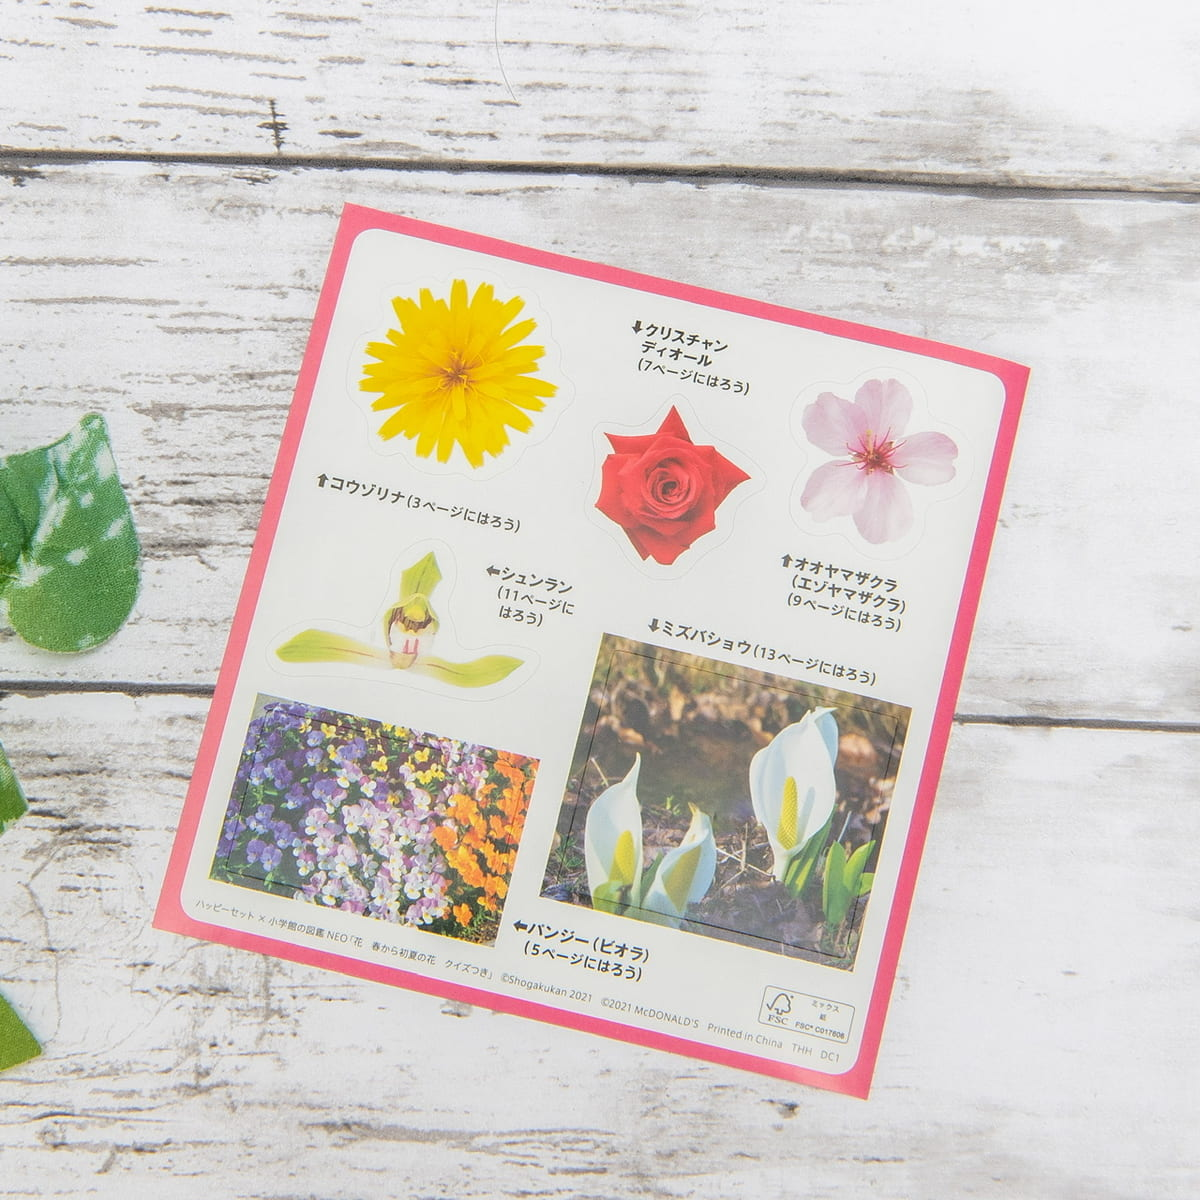 ミニ図鑑「花/春から初夏の花 クイズつき」クイズ